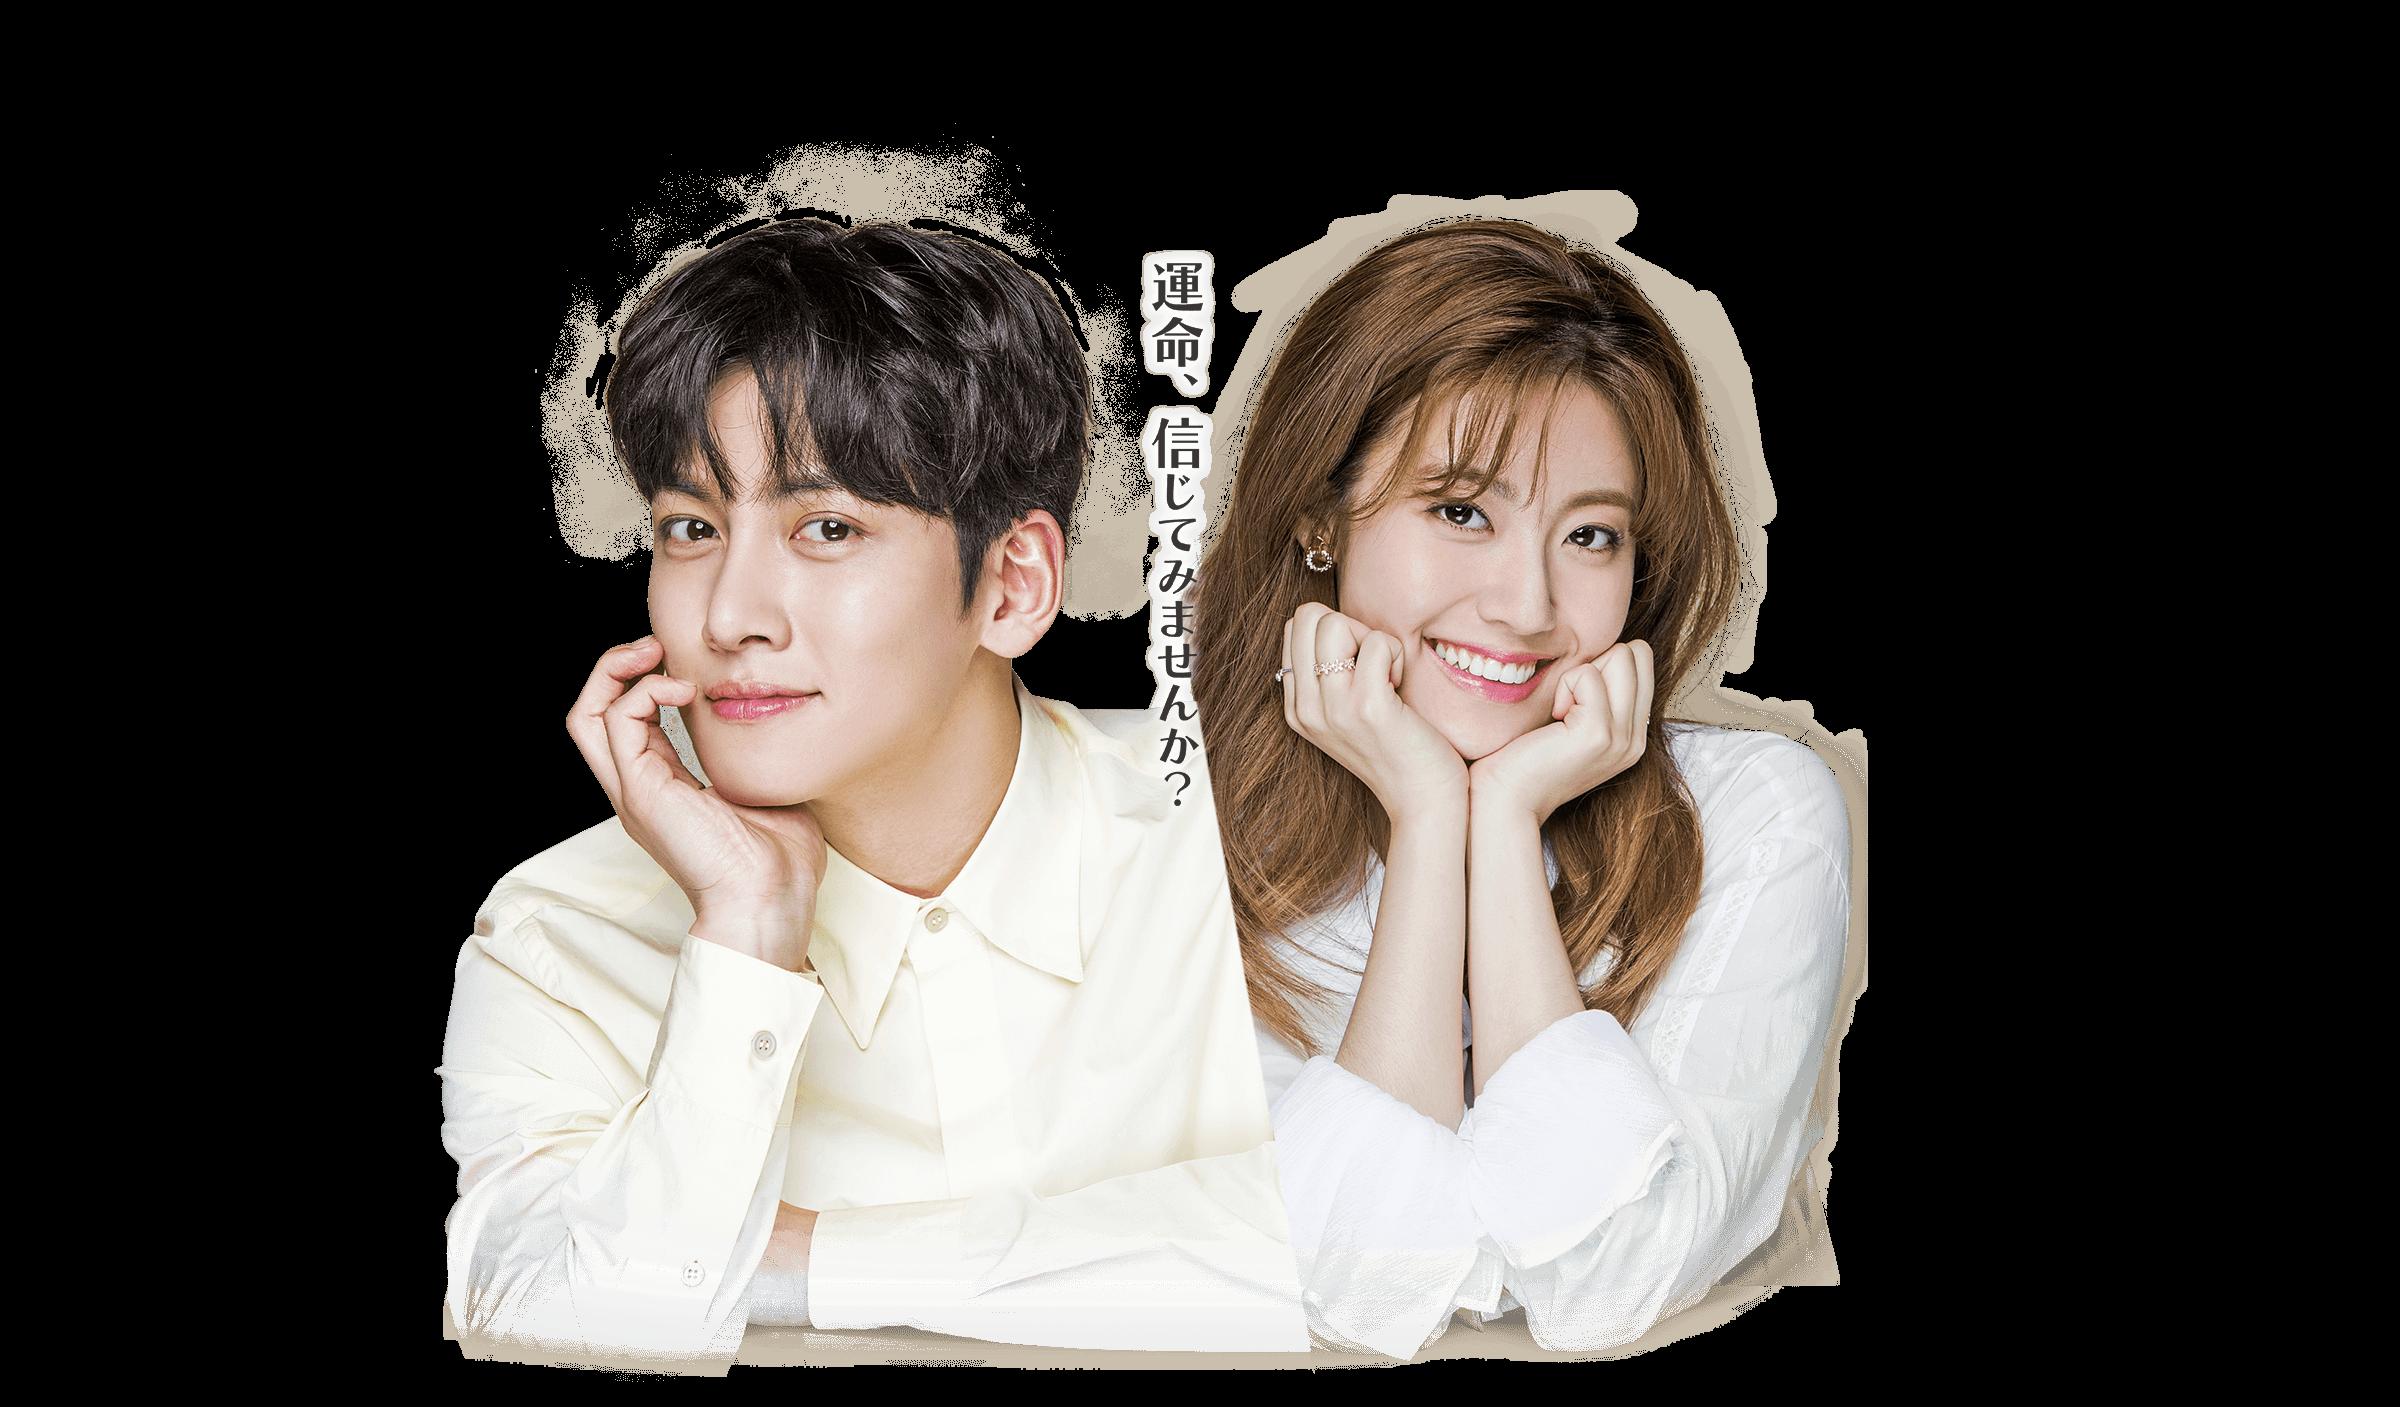 怪しいパートナー-韓国ドラマ